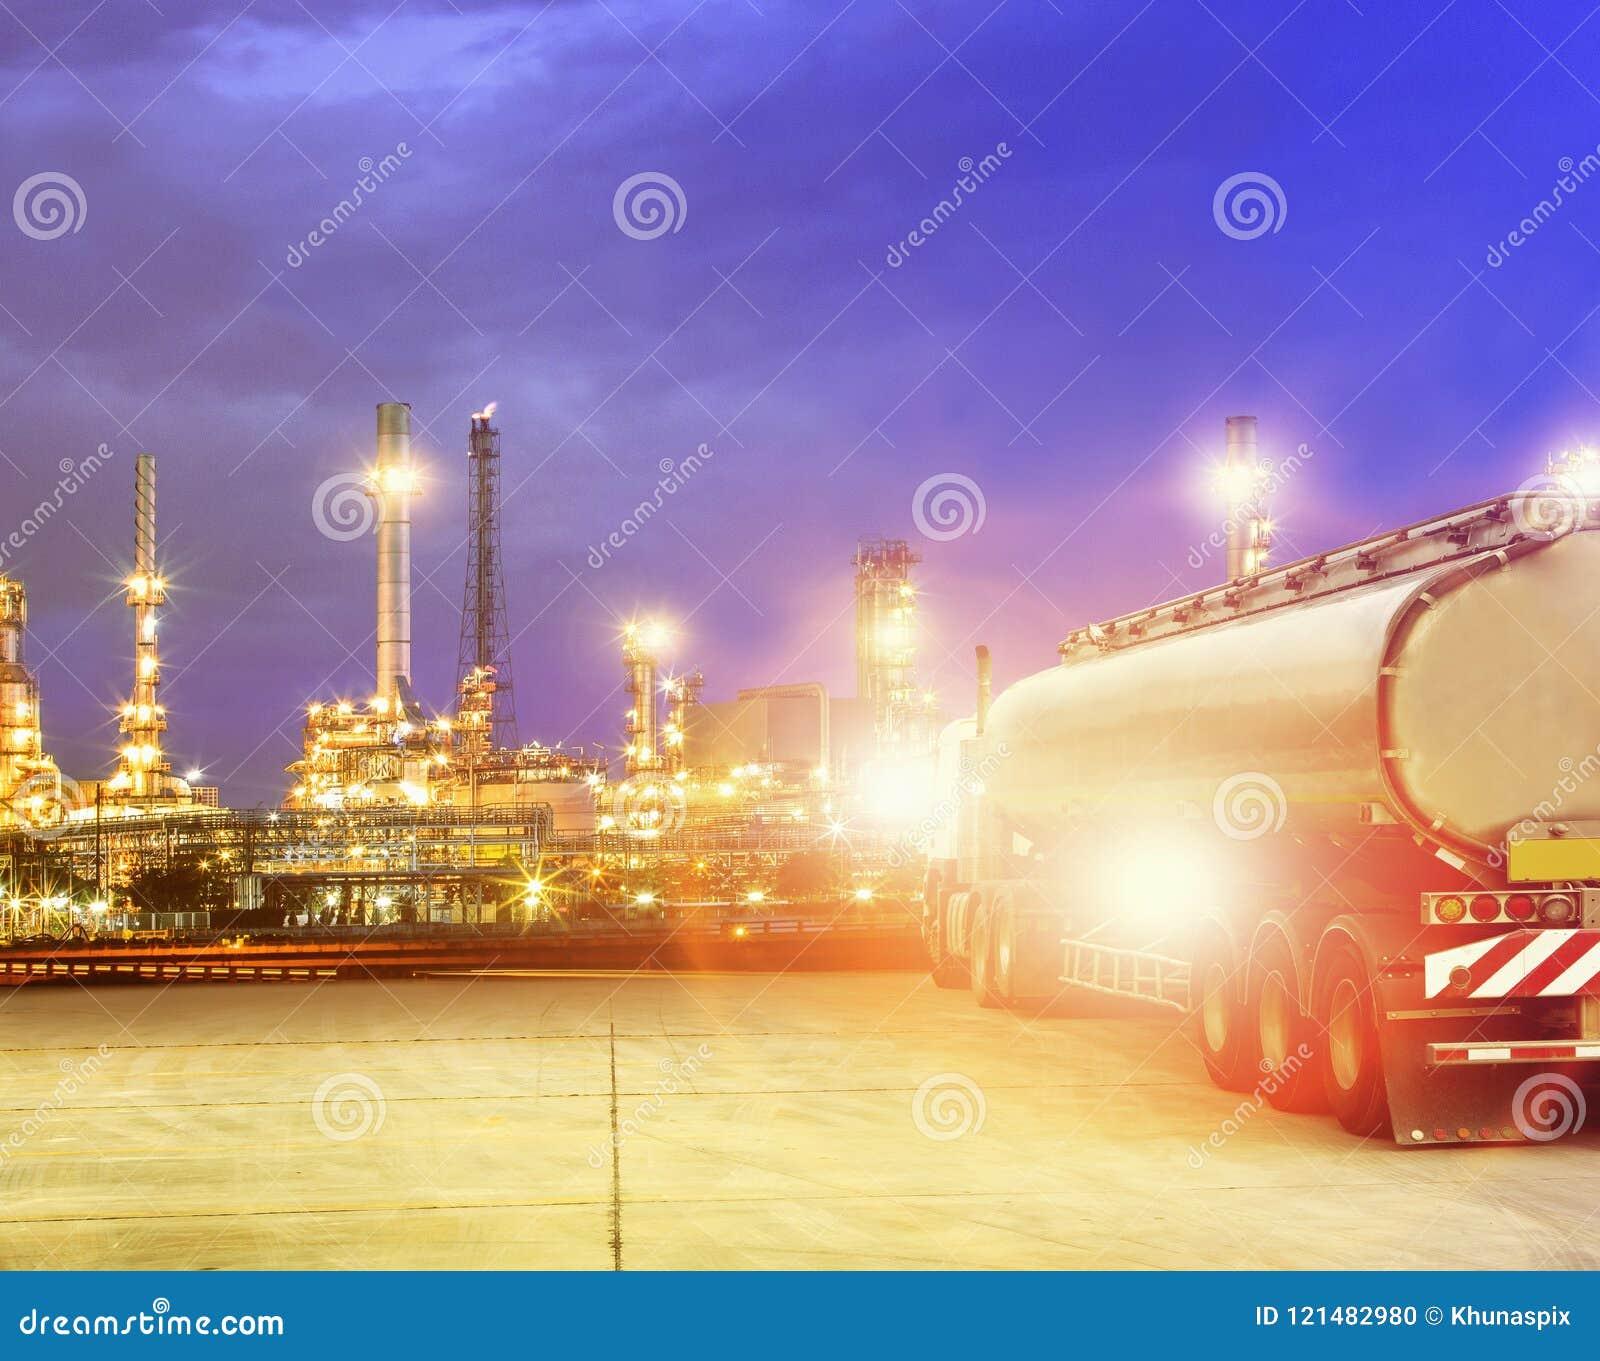 Lubrifique o caminhão do recipiente na propriedade pesada da indústria petroquímica